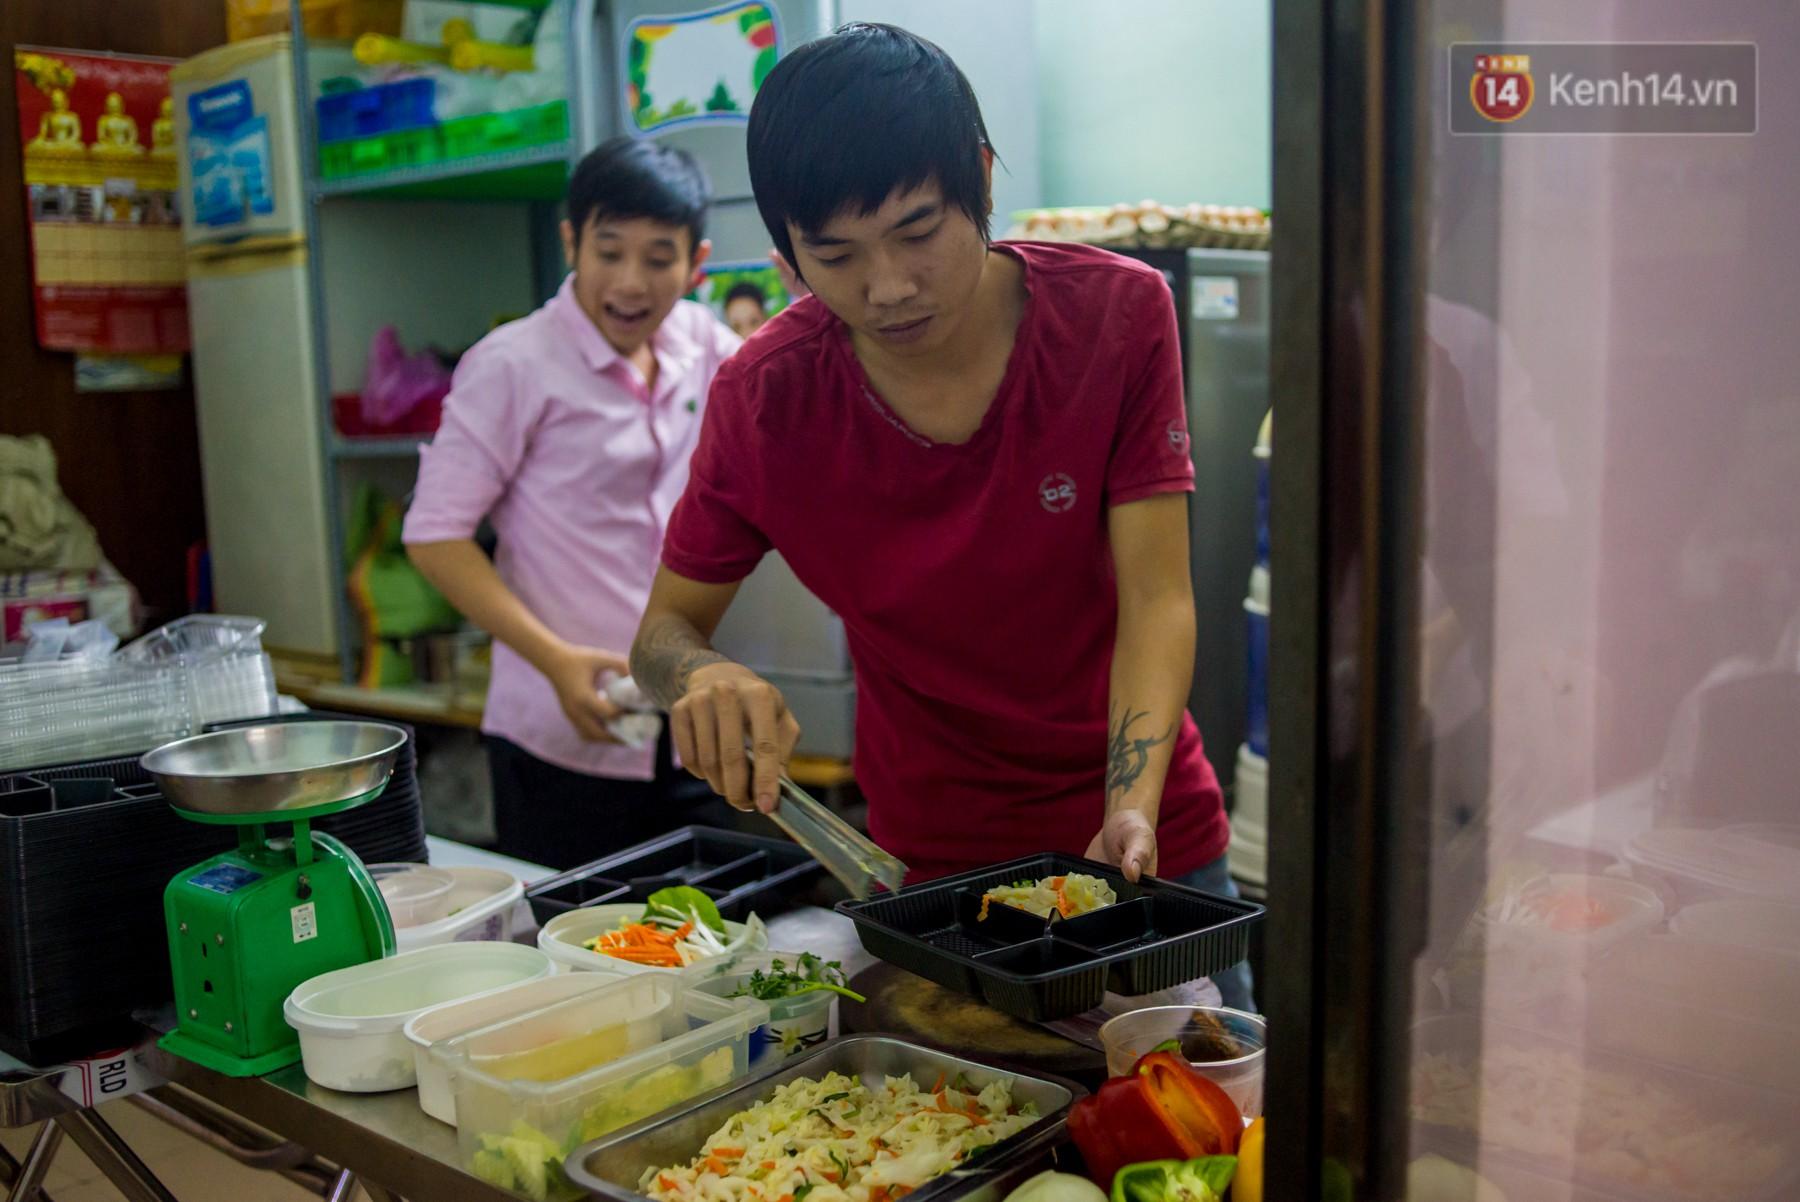 Dịch vụ giao thức ăn đêm ở Sài Gòn tăng cường hoạt động đến gần 3h sáng trong mùa World Cup - Ảnh 6.